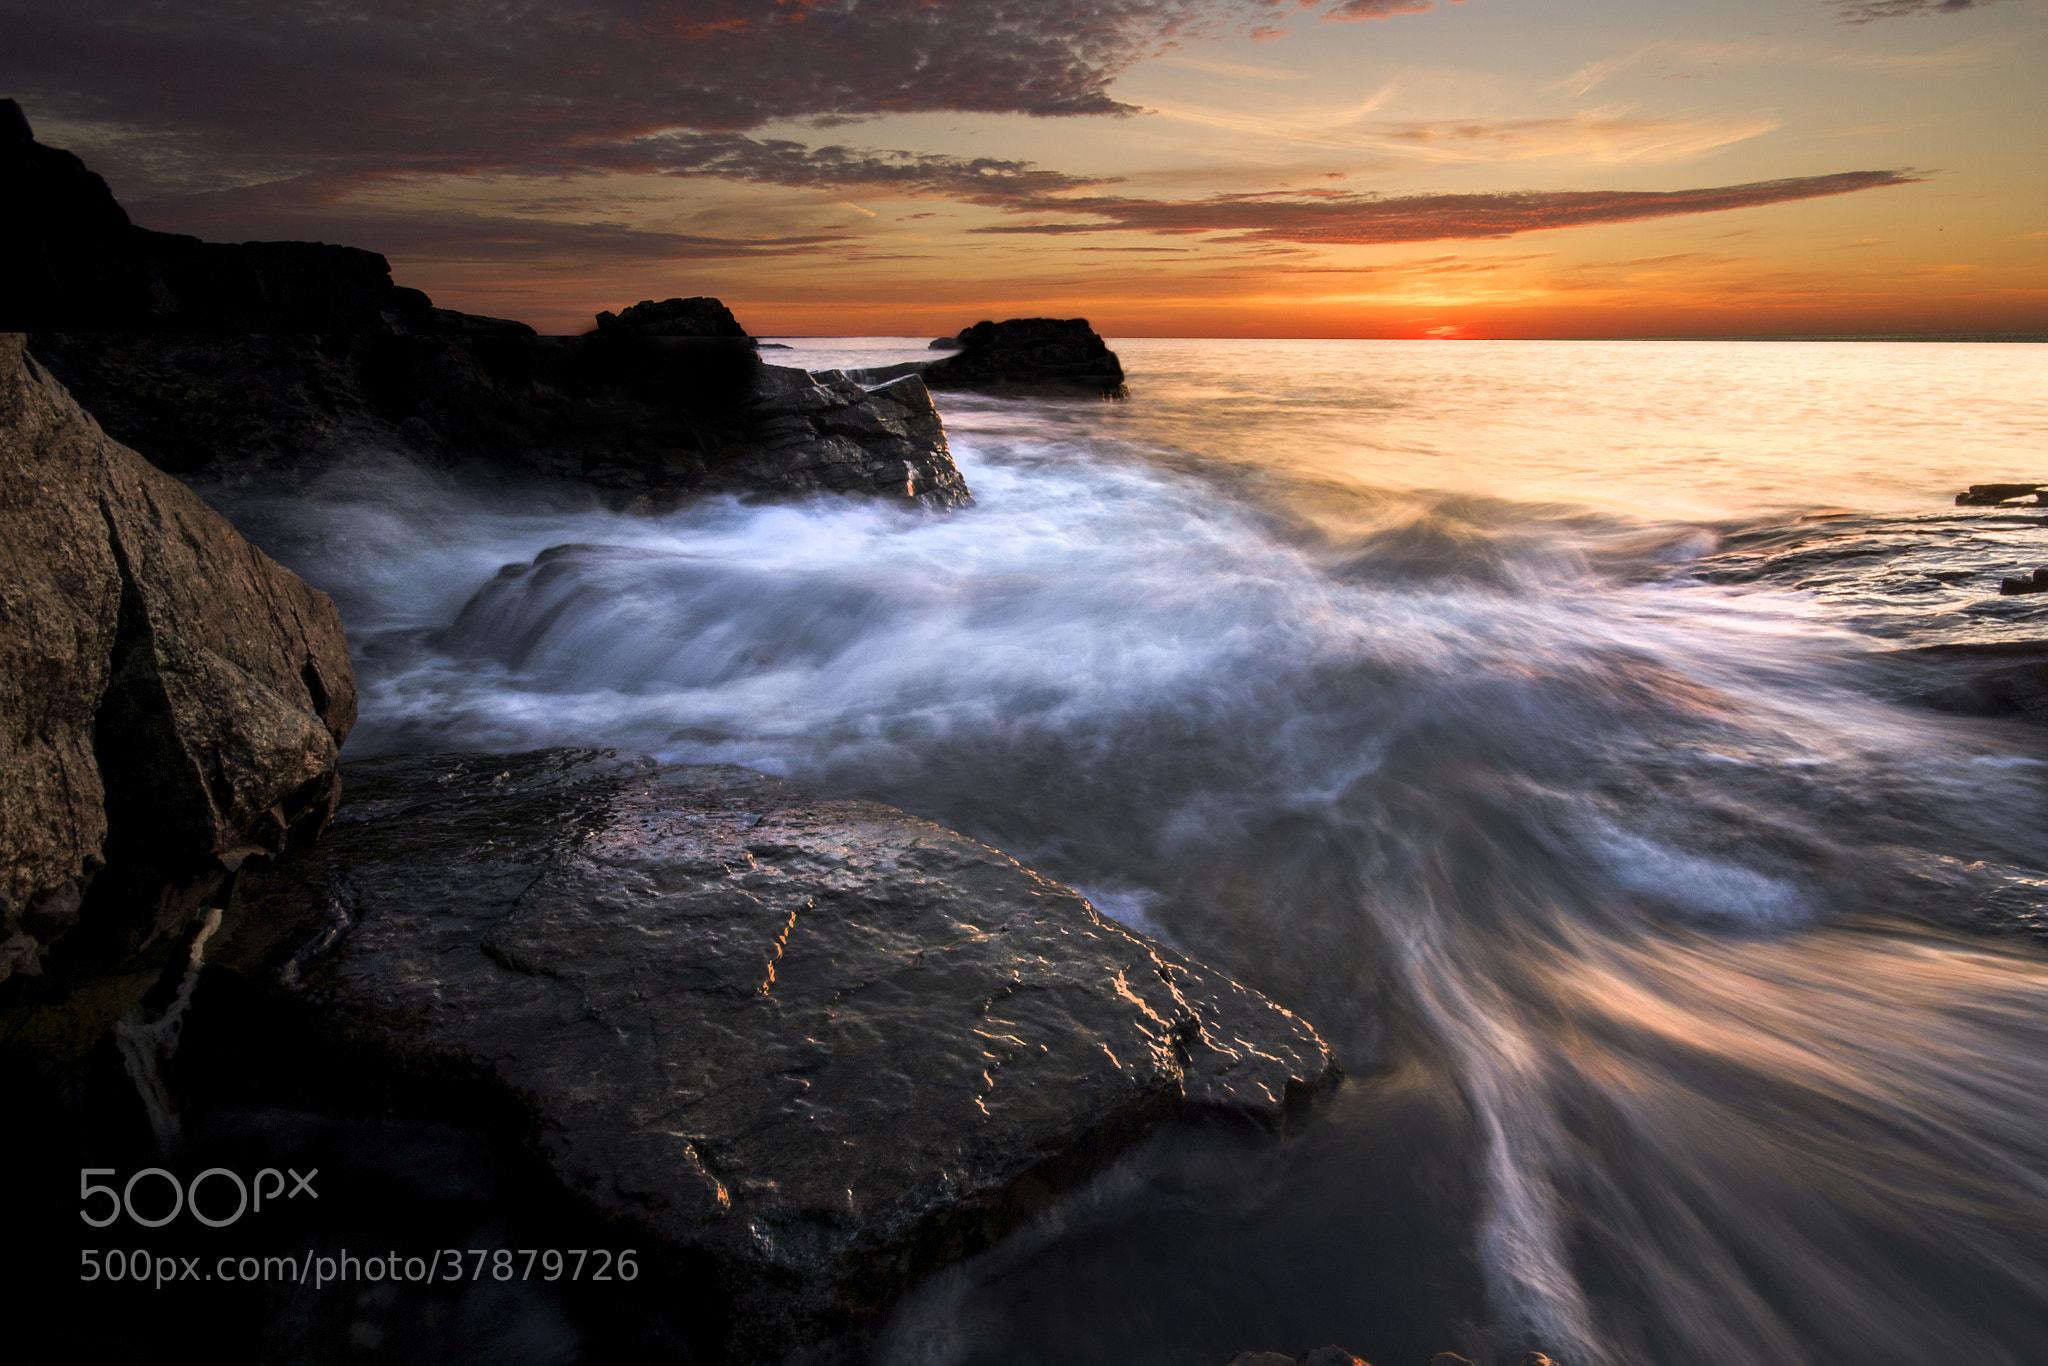 Photograph Waves by Kerim Hadzi on 500px